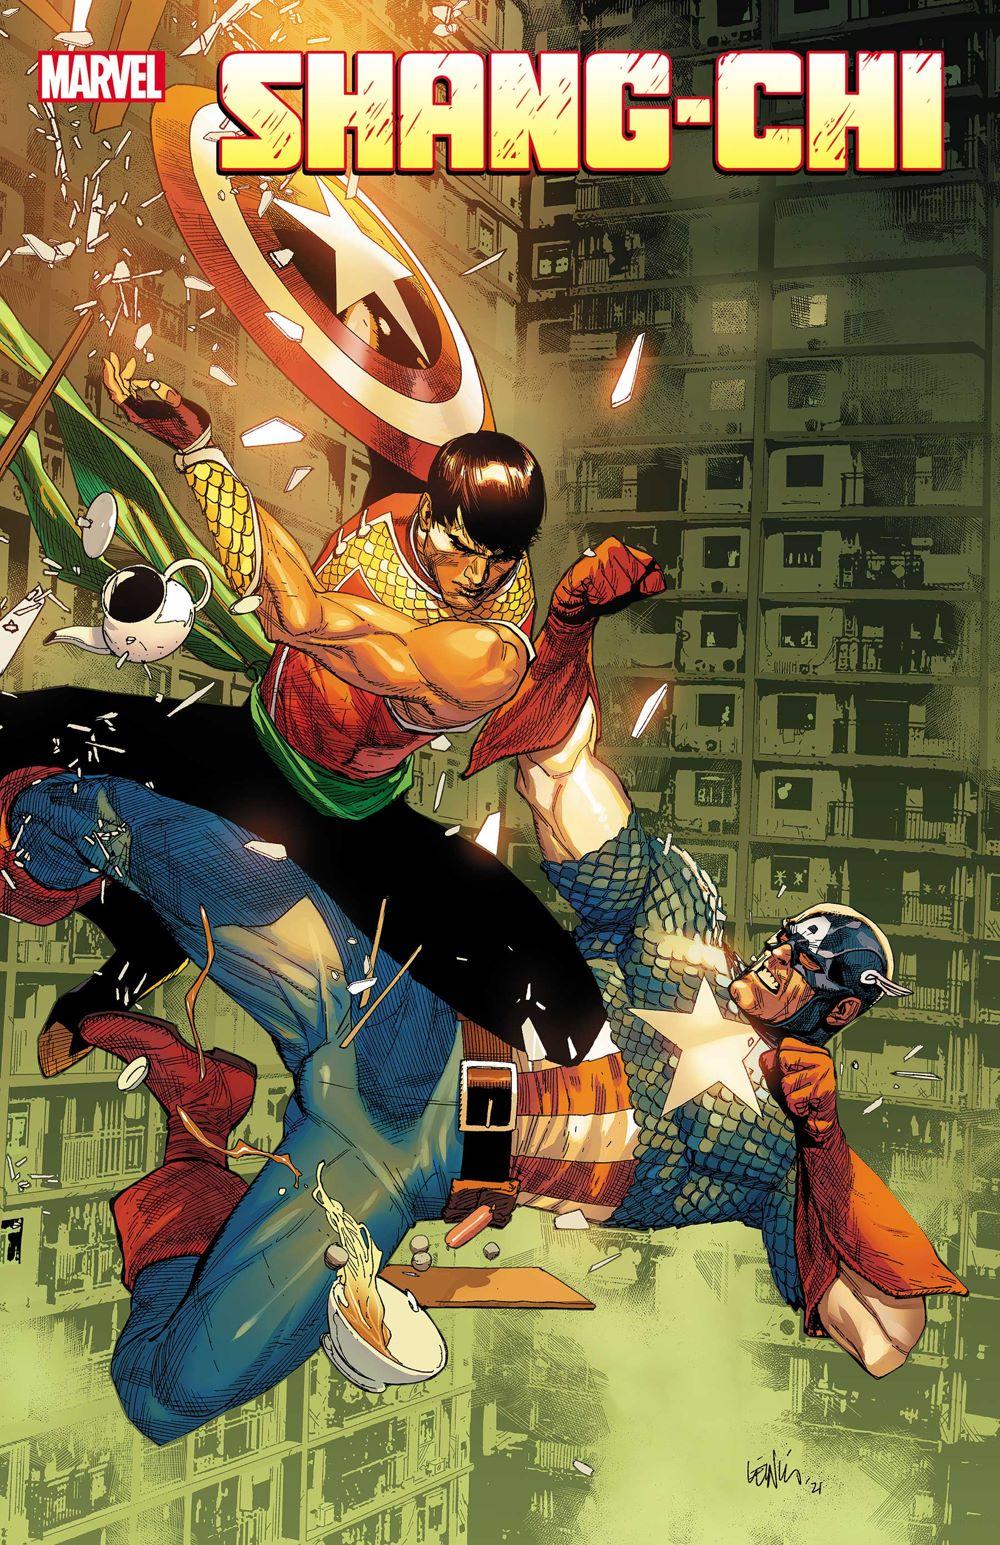 SHANGCHI2021002_cov Marvel Comics June 2021 Solicitations